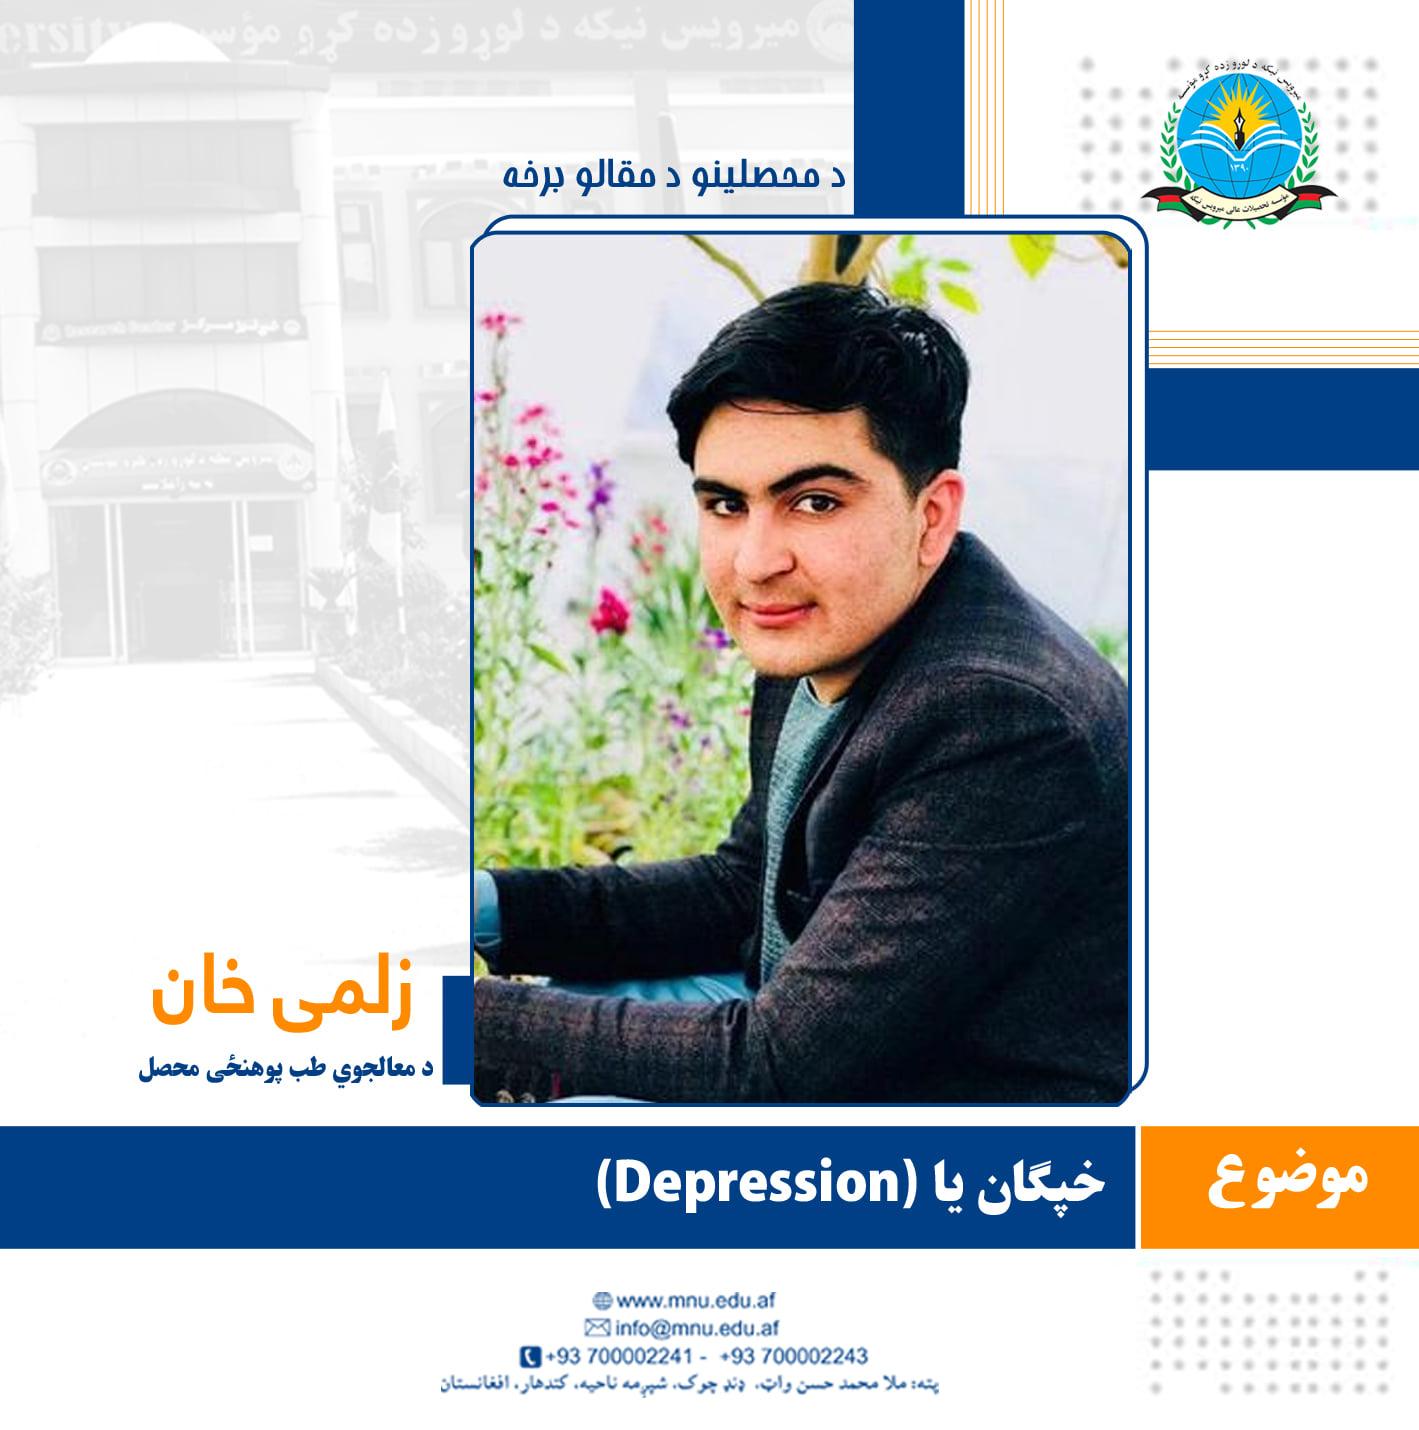 موضوع: خپګان یا (Depression)